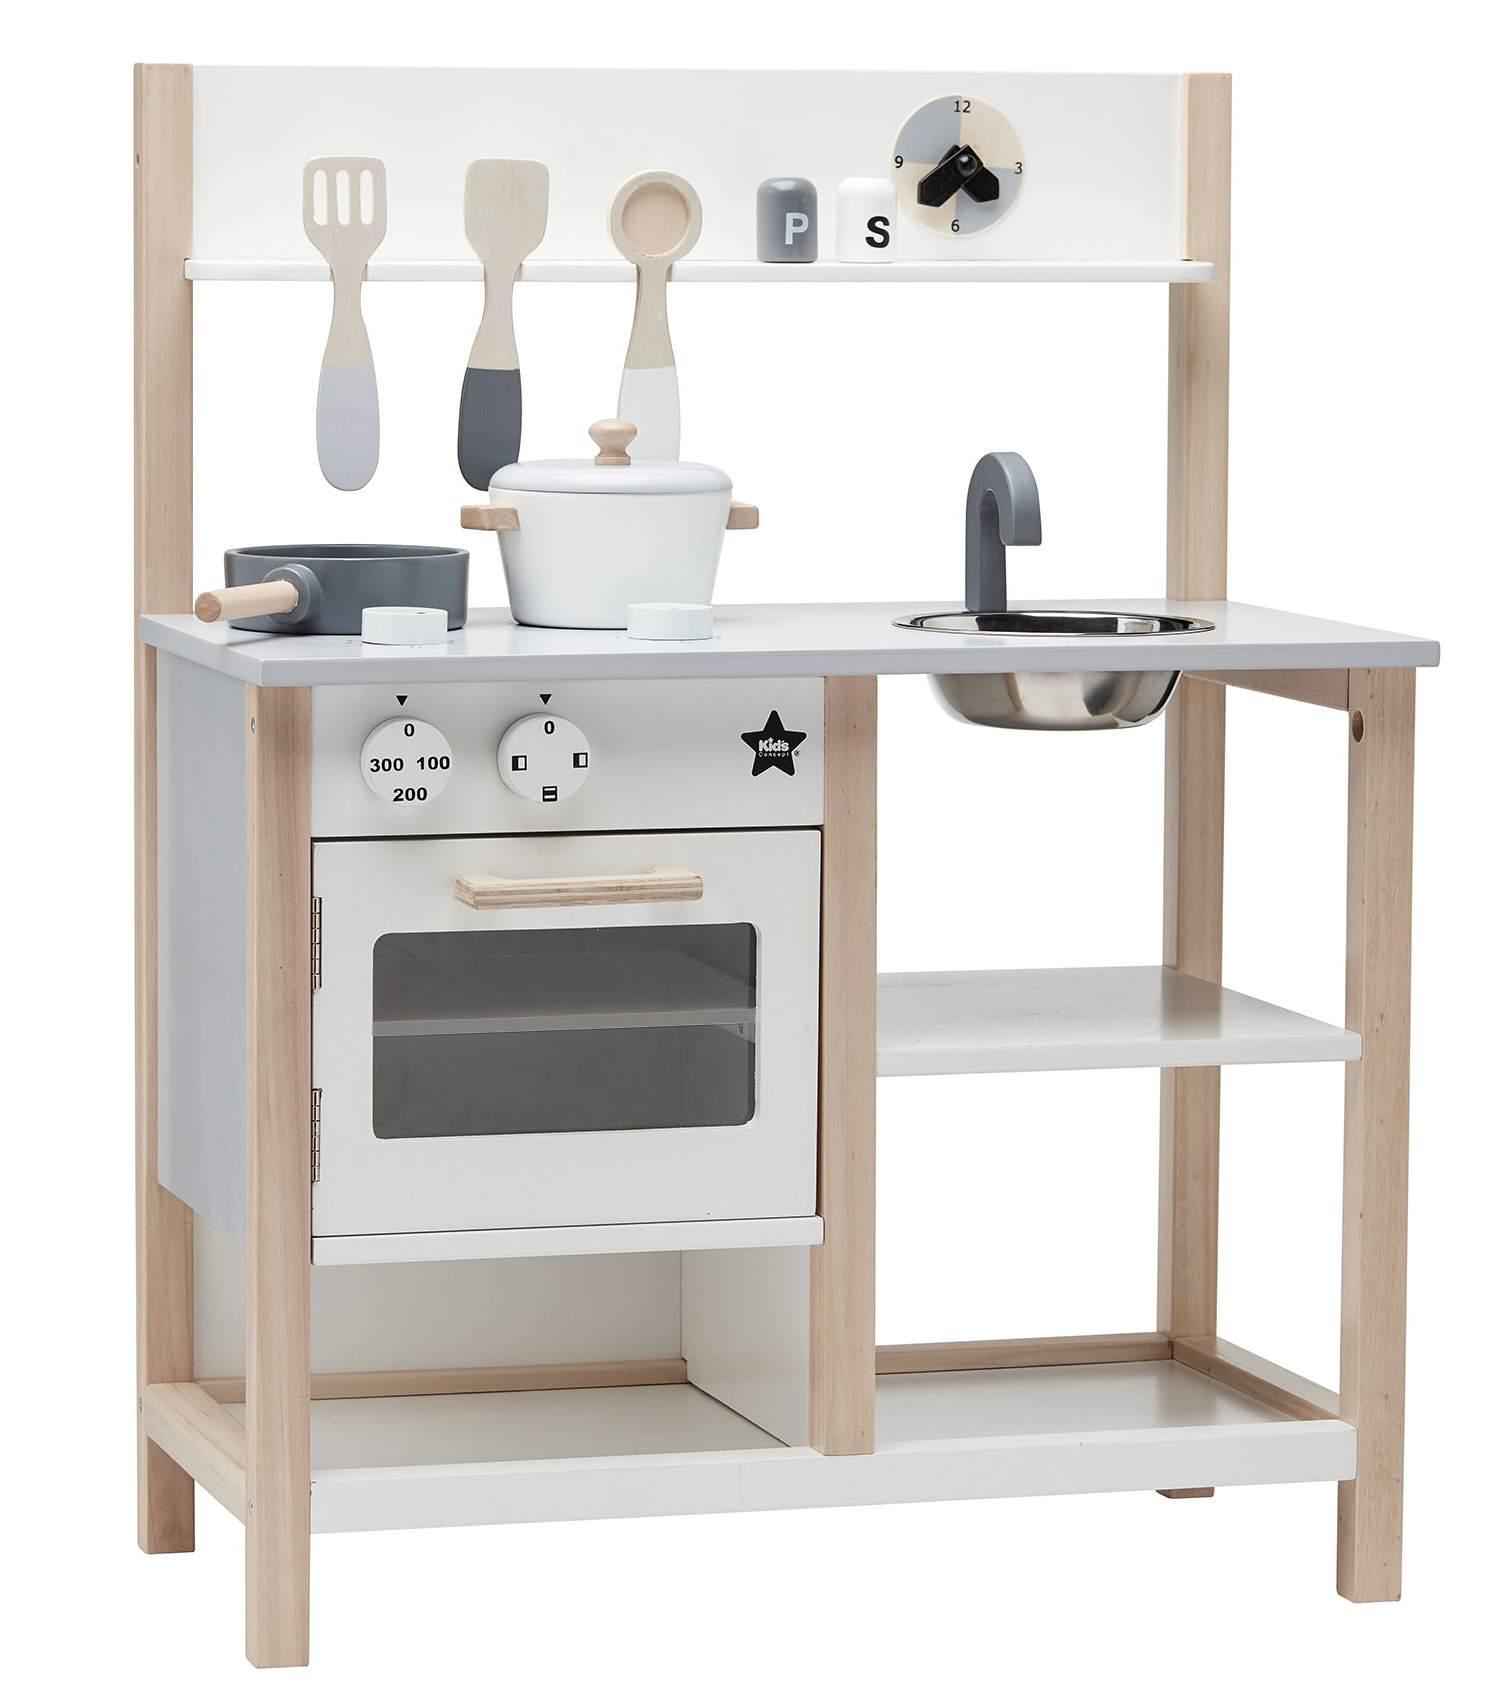 Kids Concept Dřevěná kuchyňka na hraní Natural White Bistro, bílá barva, přírodní barva, dřevo